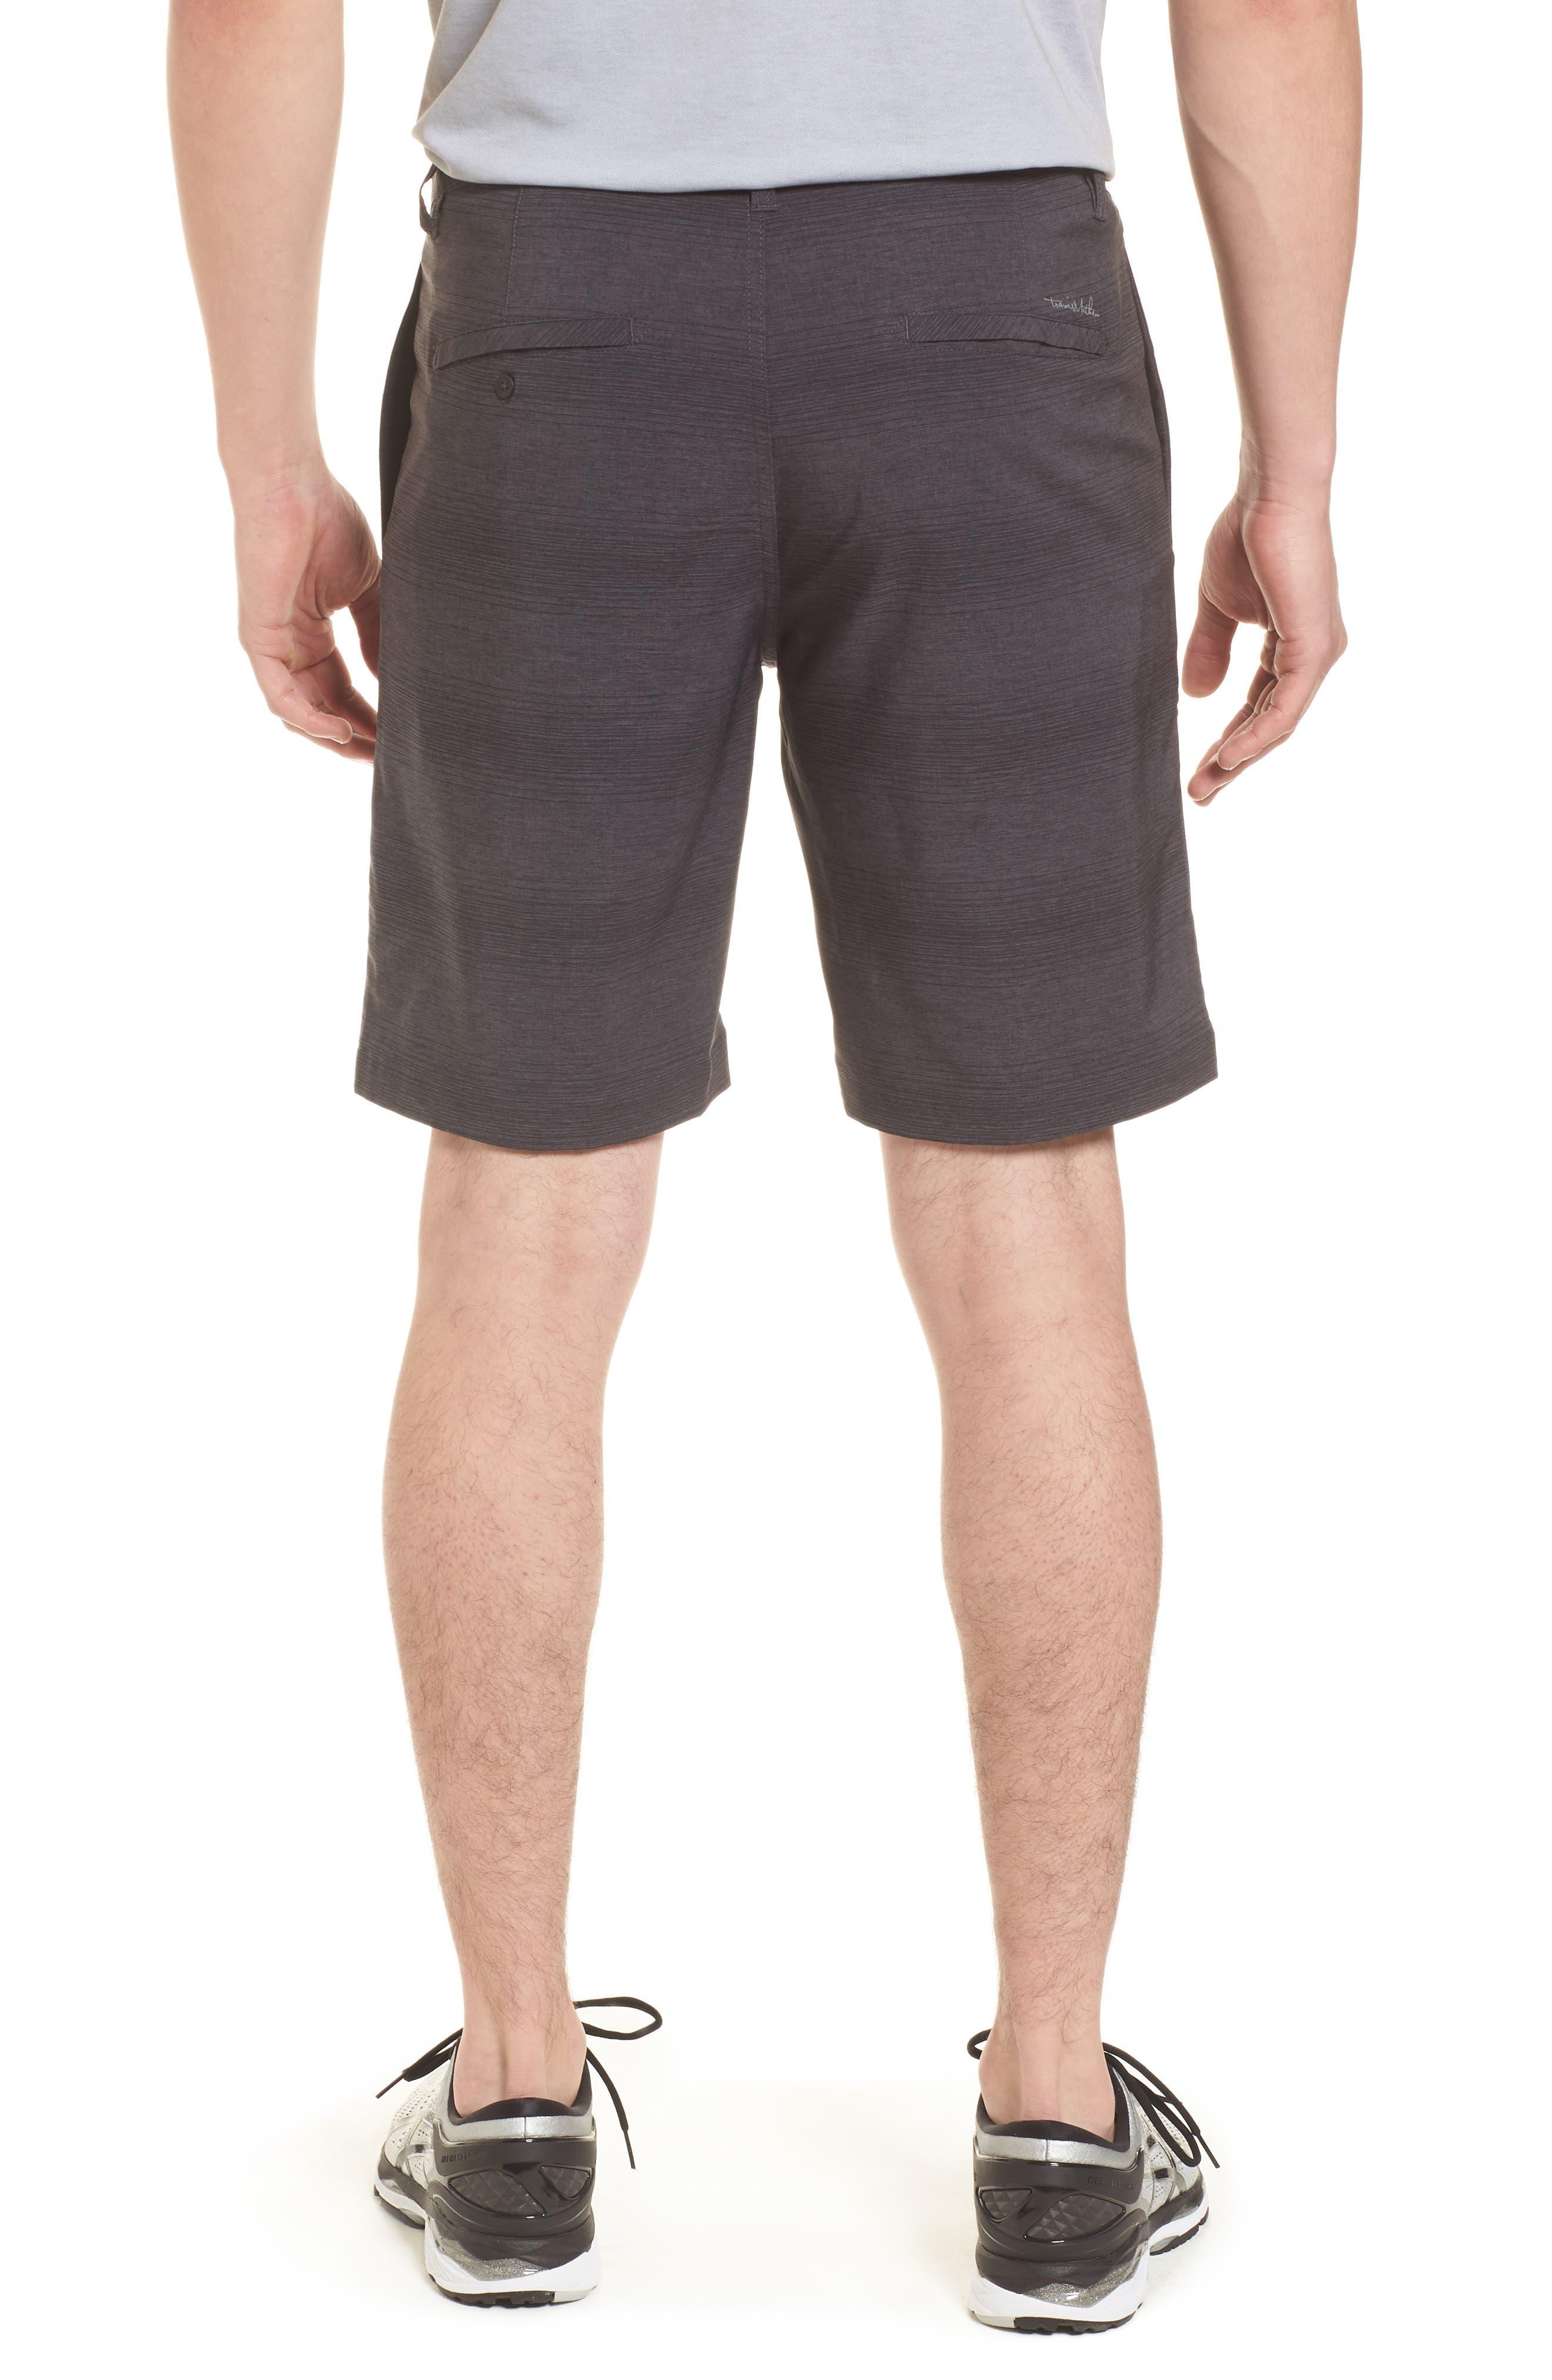 Tepic Shorts,                             Alternate thumbnail 2, color,                             001